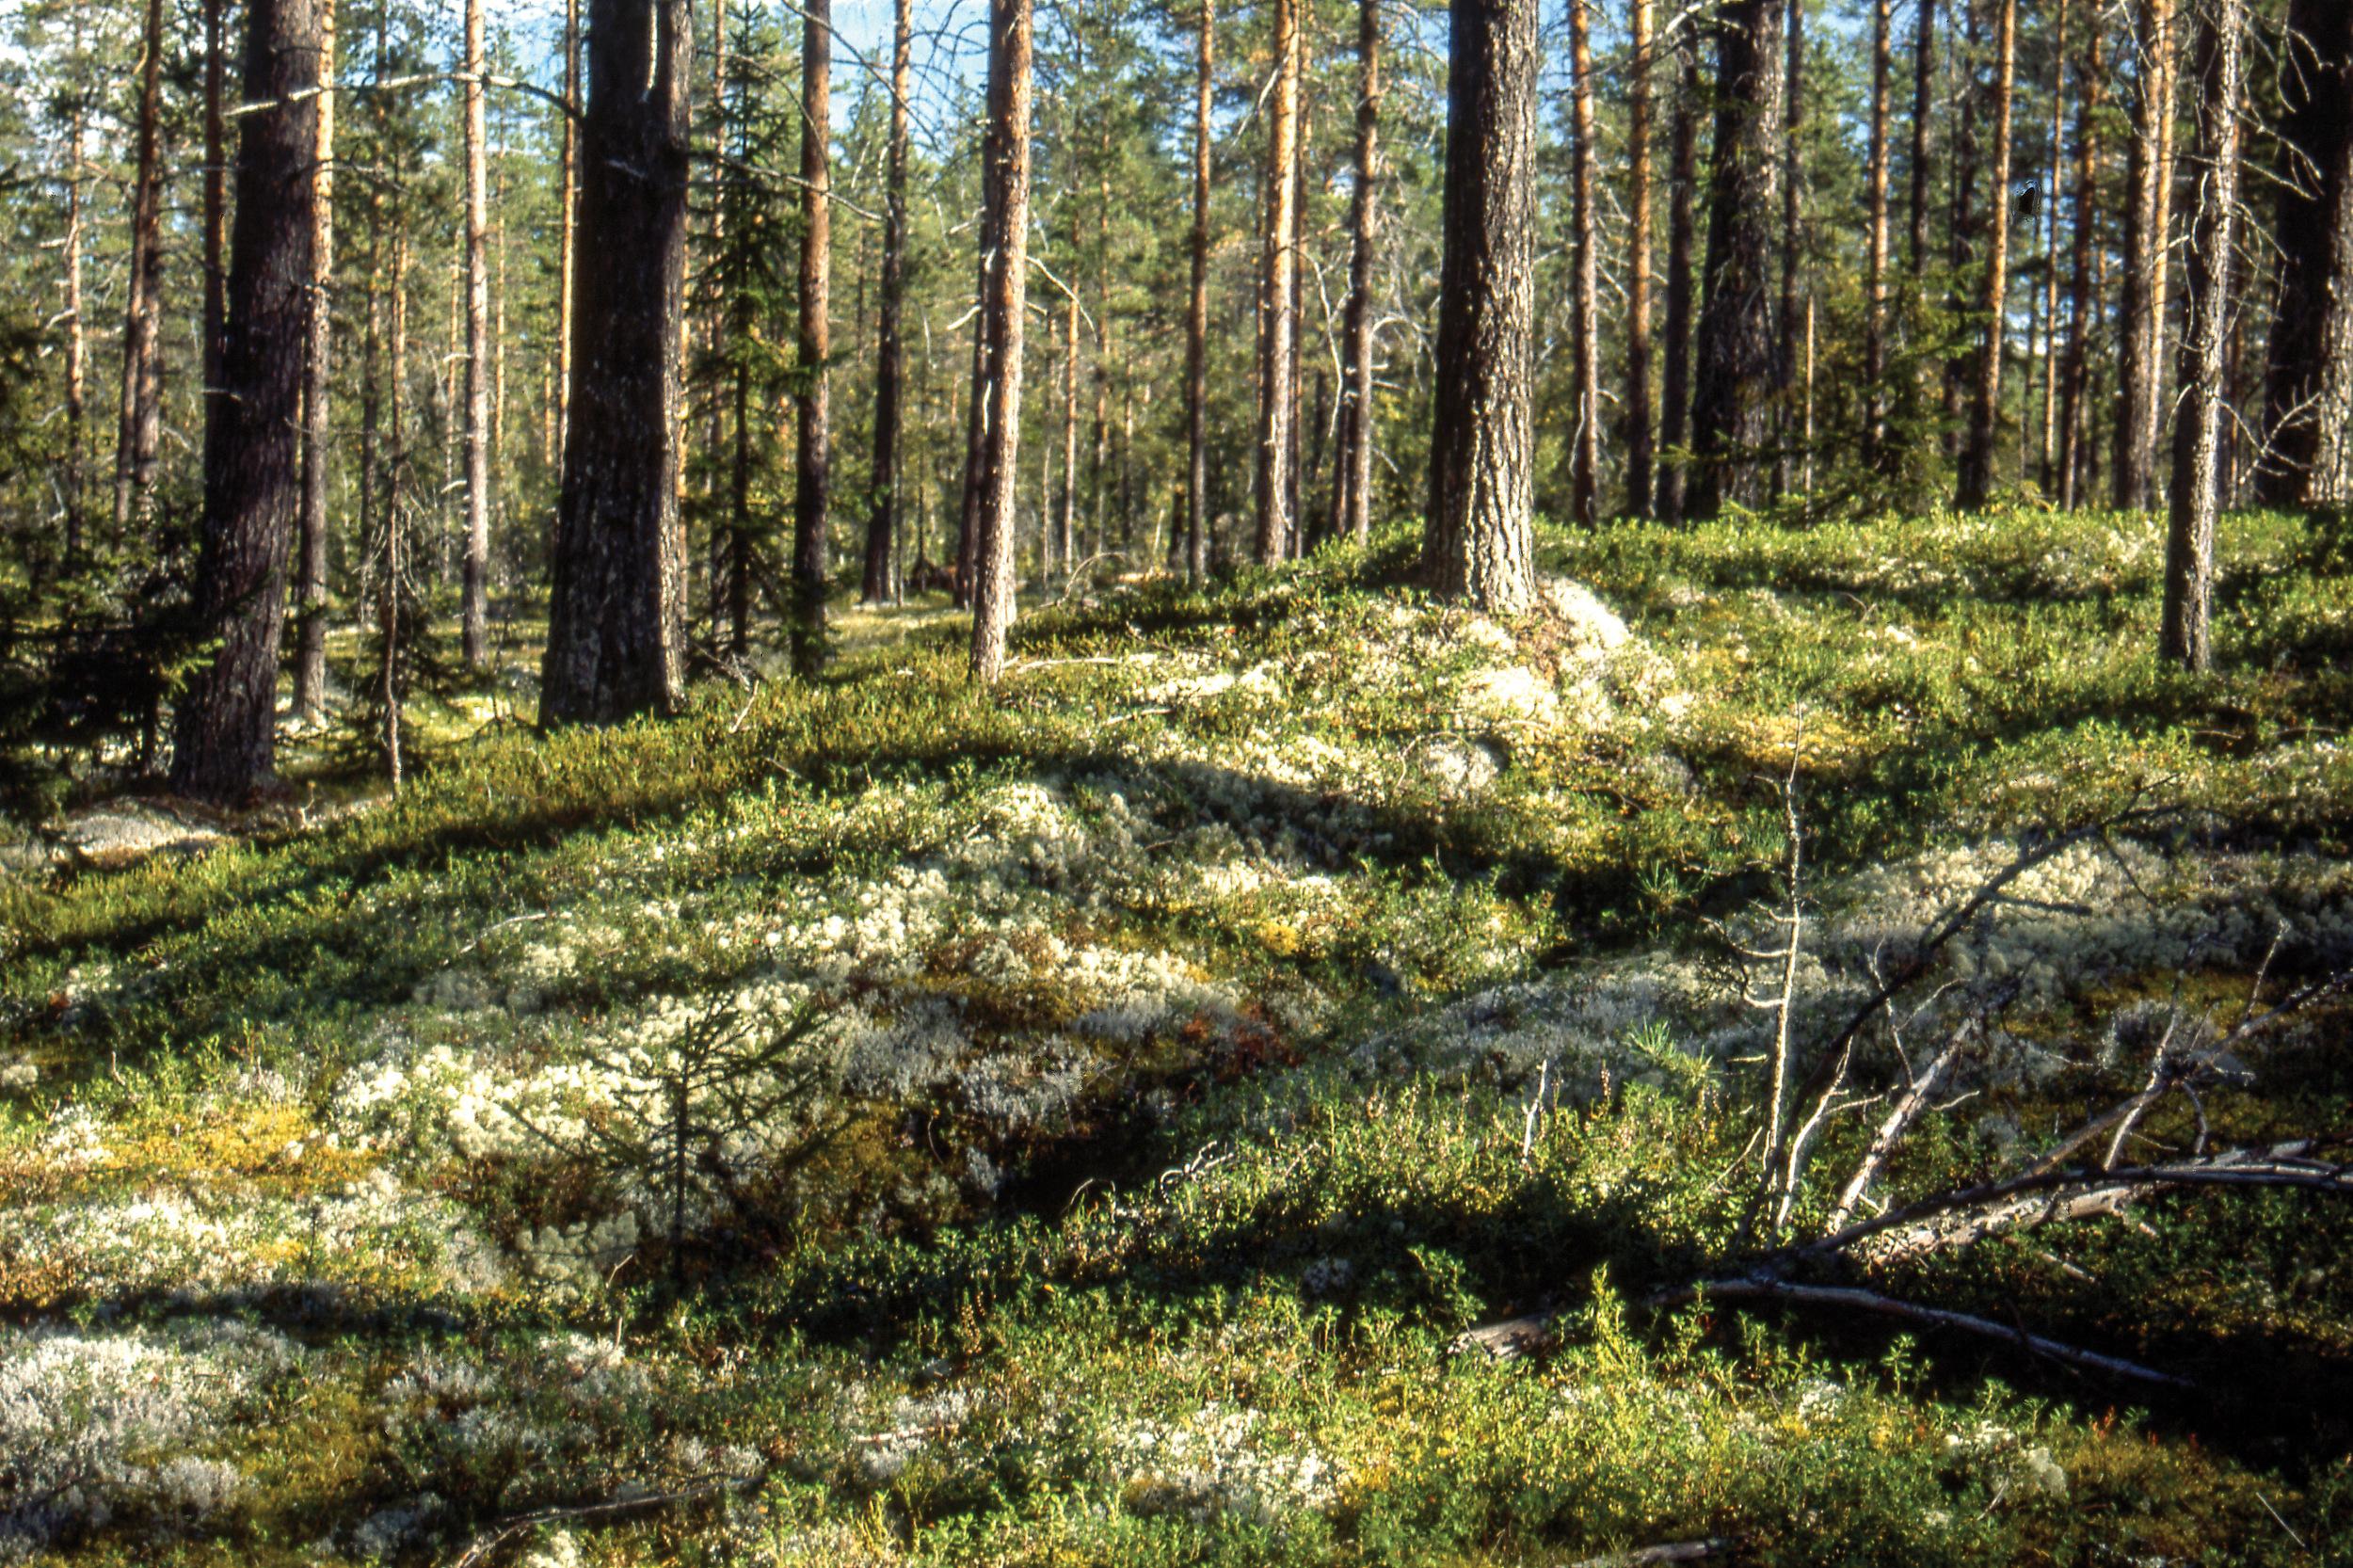 Tjærebrenning var vanlig i norske skoger fra 1000-tallet fram til midt i forrige århundre. Bildet viser en tjæregrøft der tjæren fra mila ble samlet opp. Koppang, Hedmark. Foto: John Yngvar Larsson,NIBIO